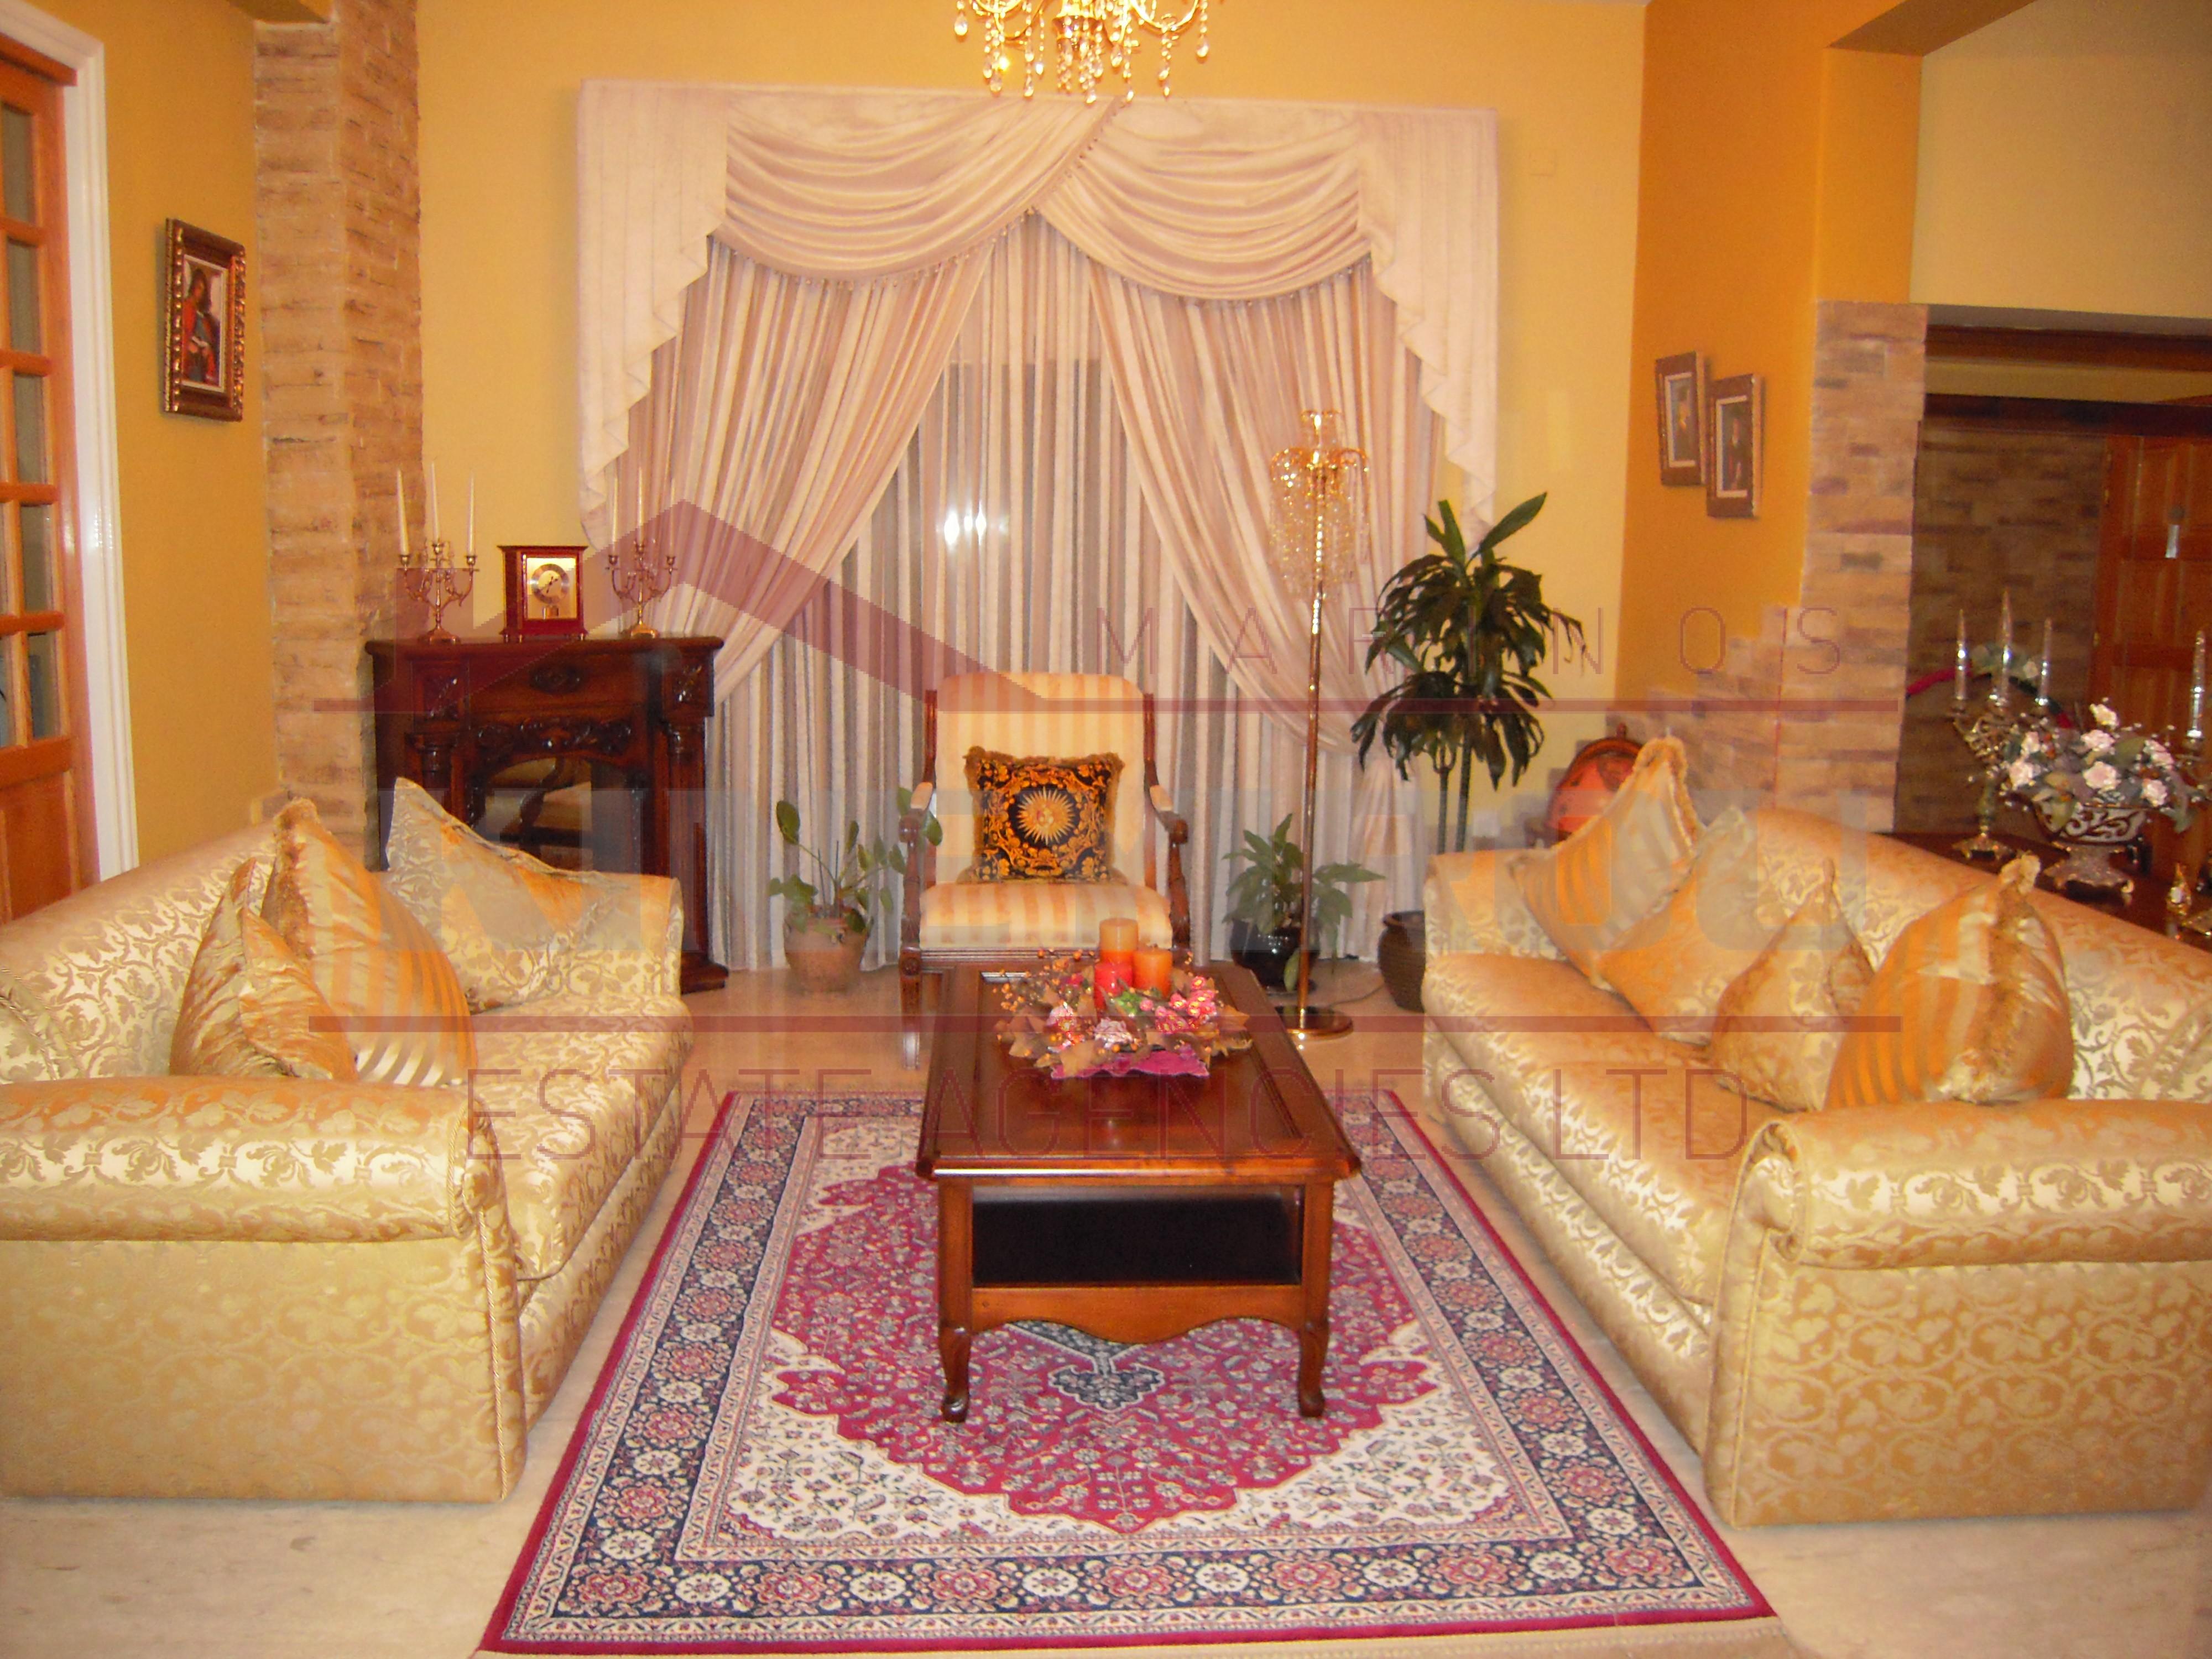 4 bedroom house for sale in Oroklini – Larnaca